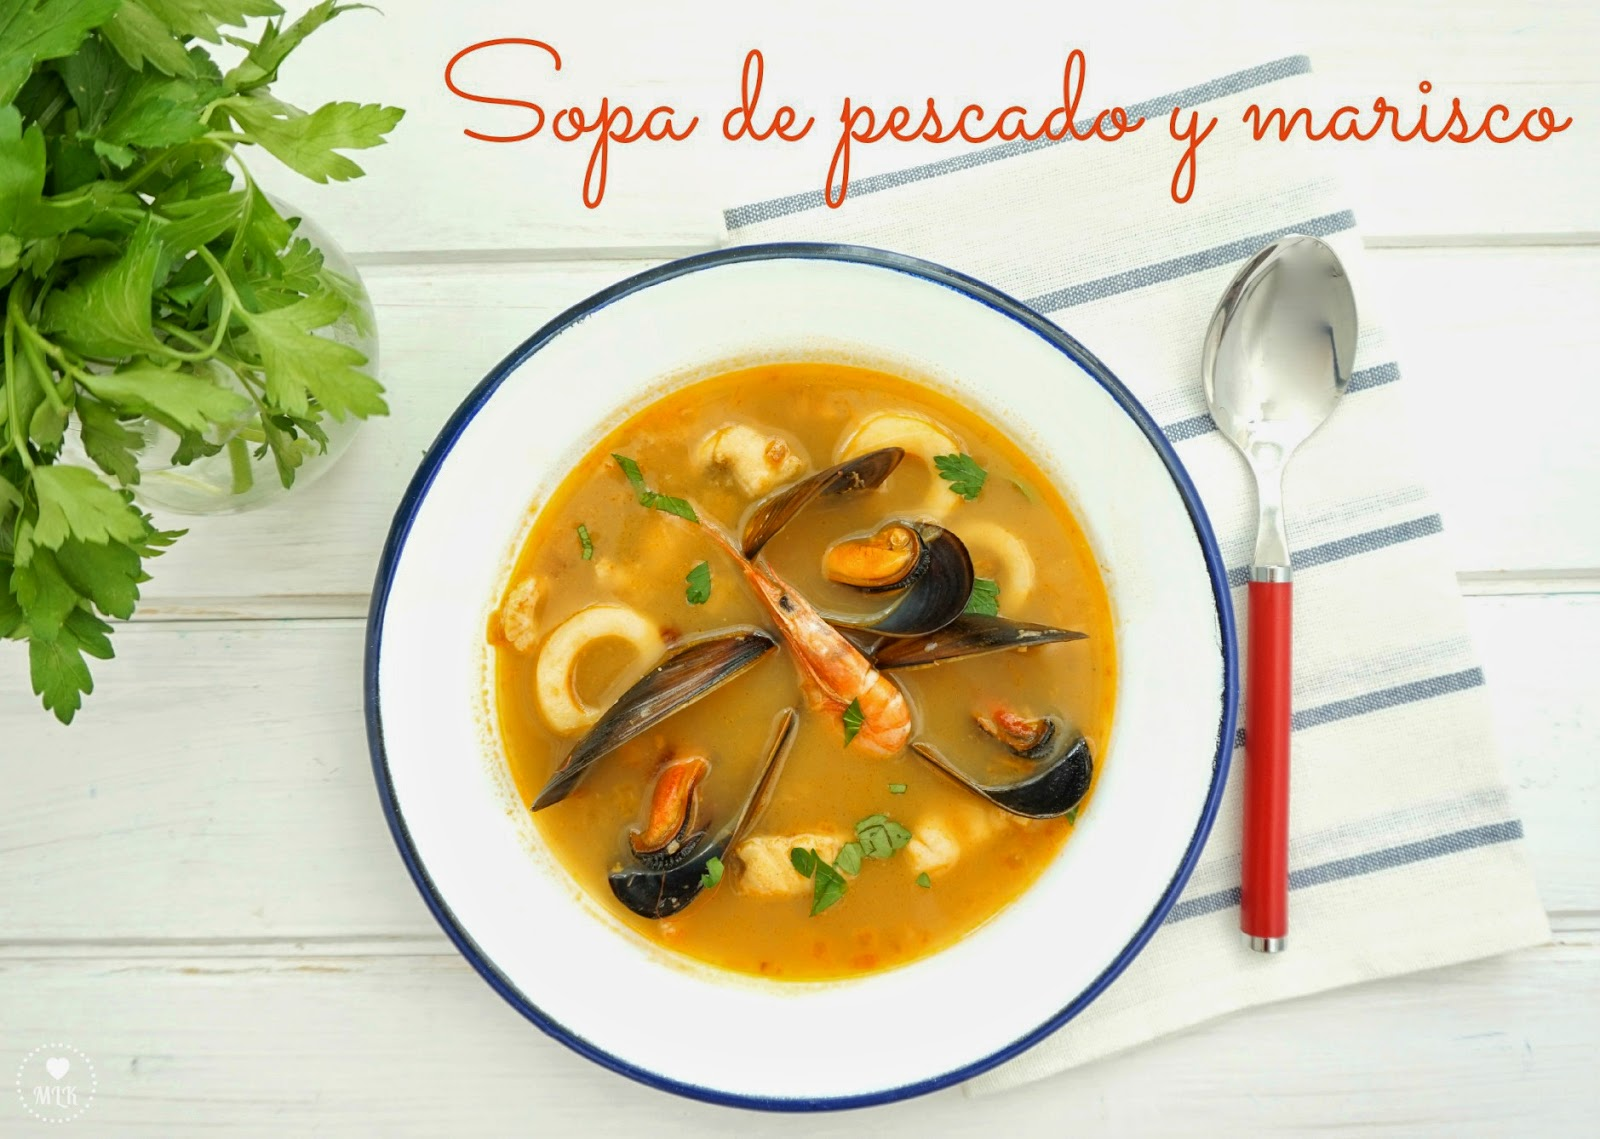 My little kitchenette sopa de pescado y marisco - Sopa de marisco y pescado ...